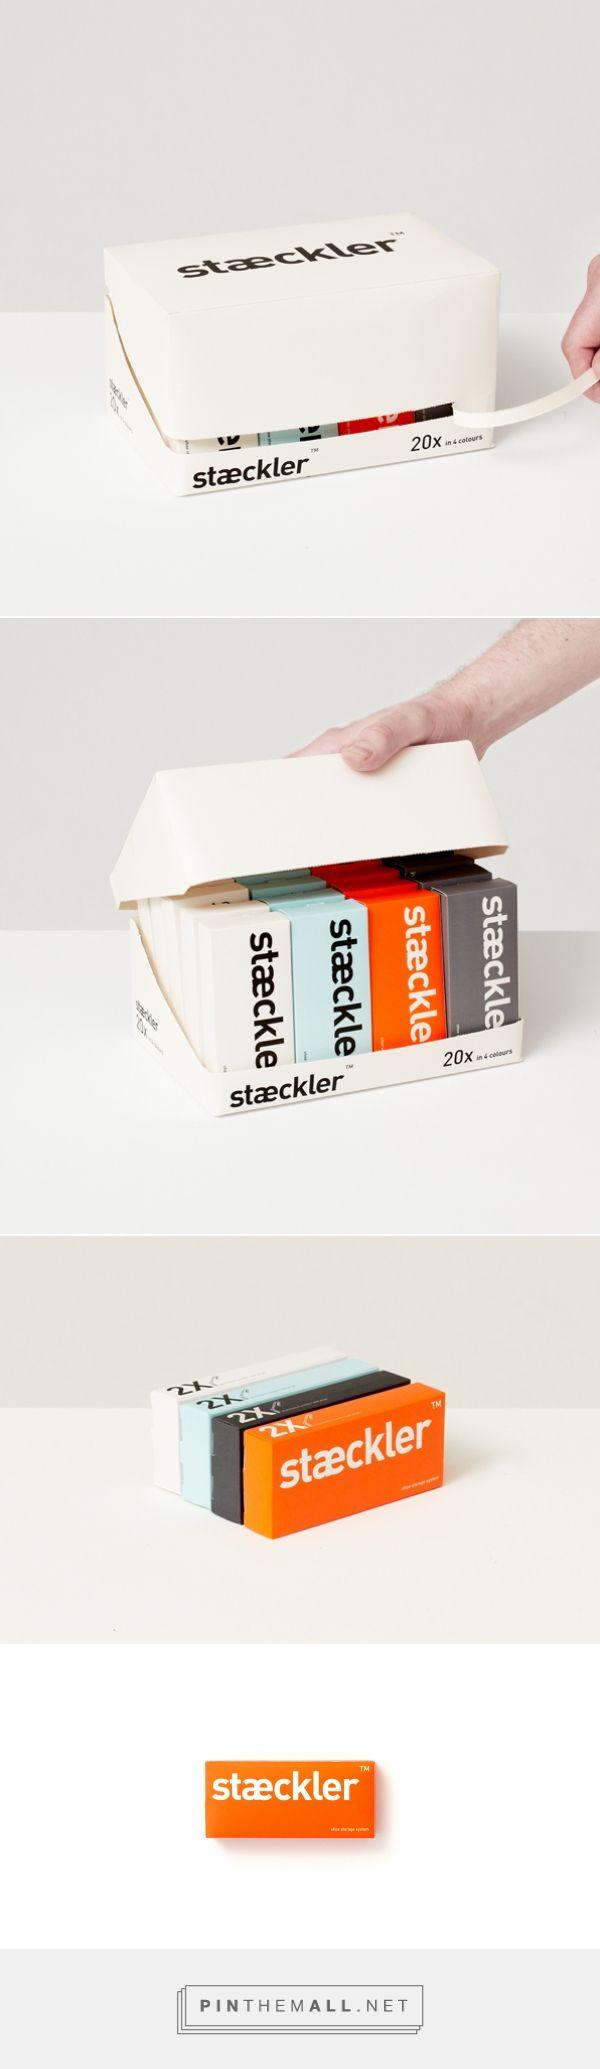 Staeckler Packaging | PostlerFerguson